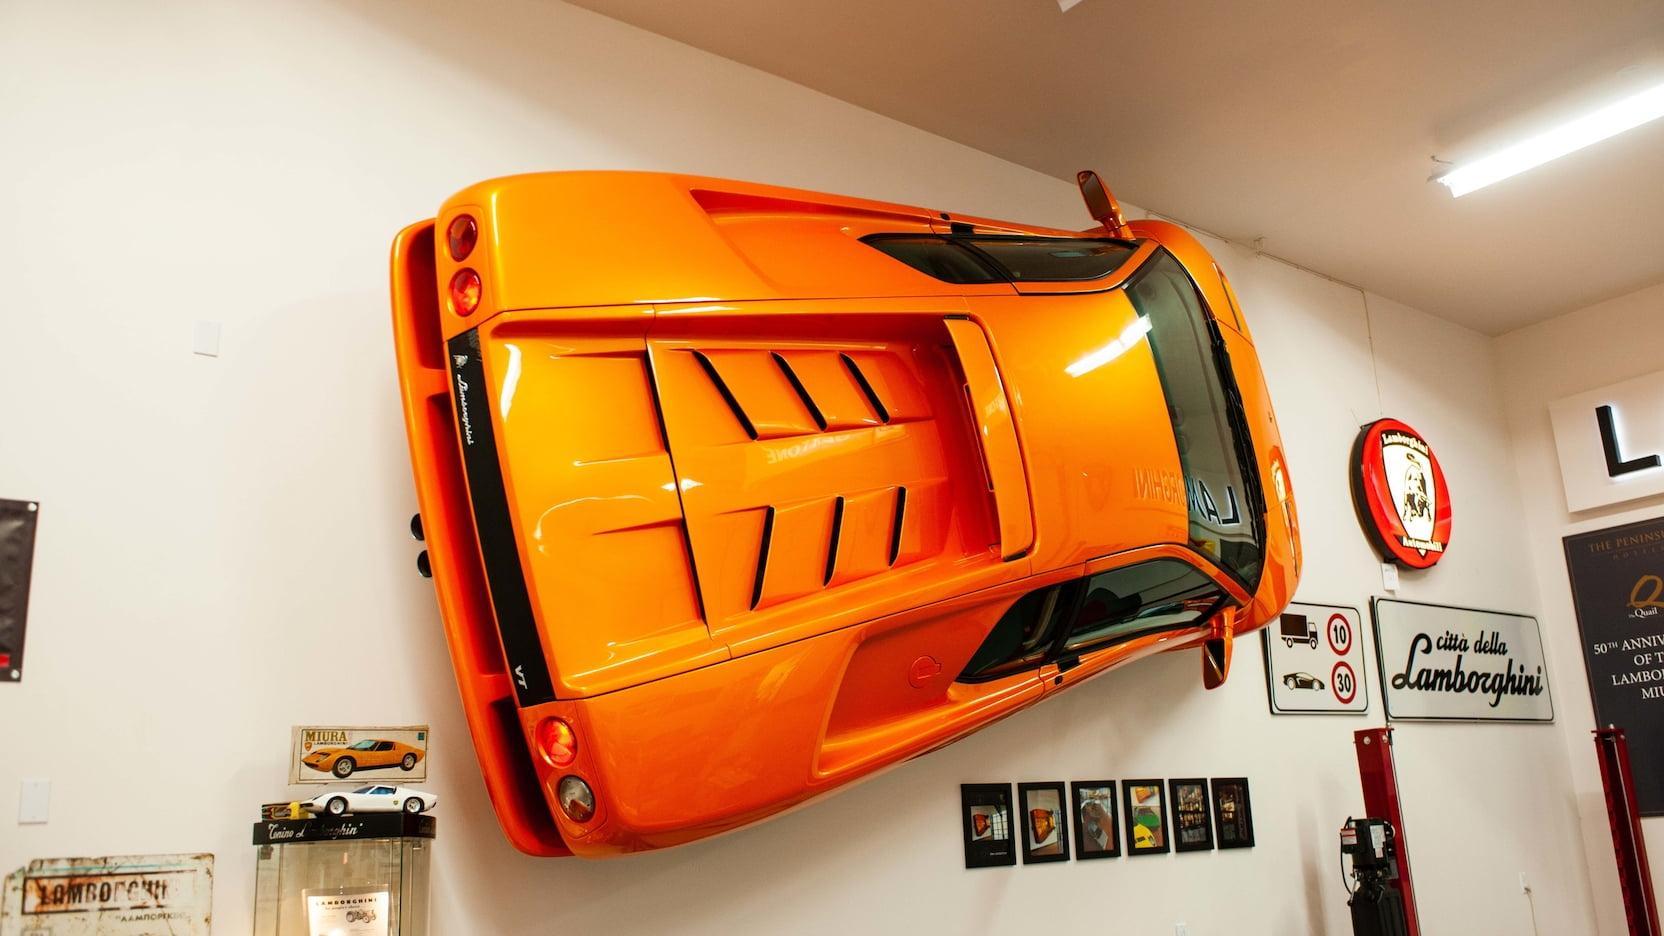 Lamborghini Diablo VT voor aan de muur